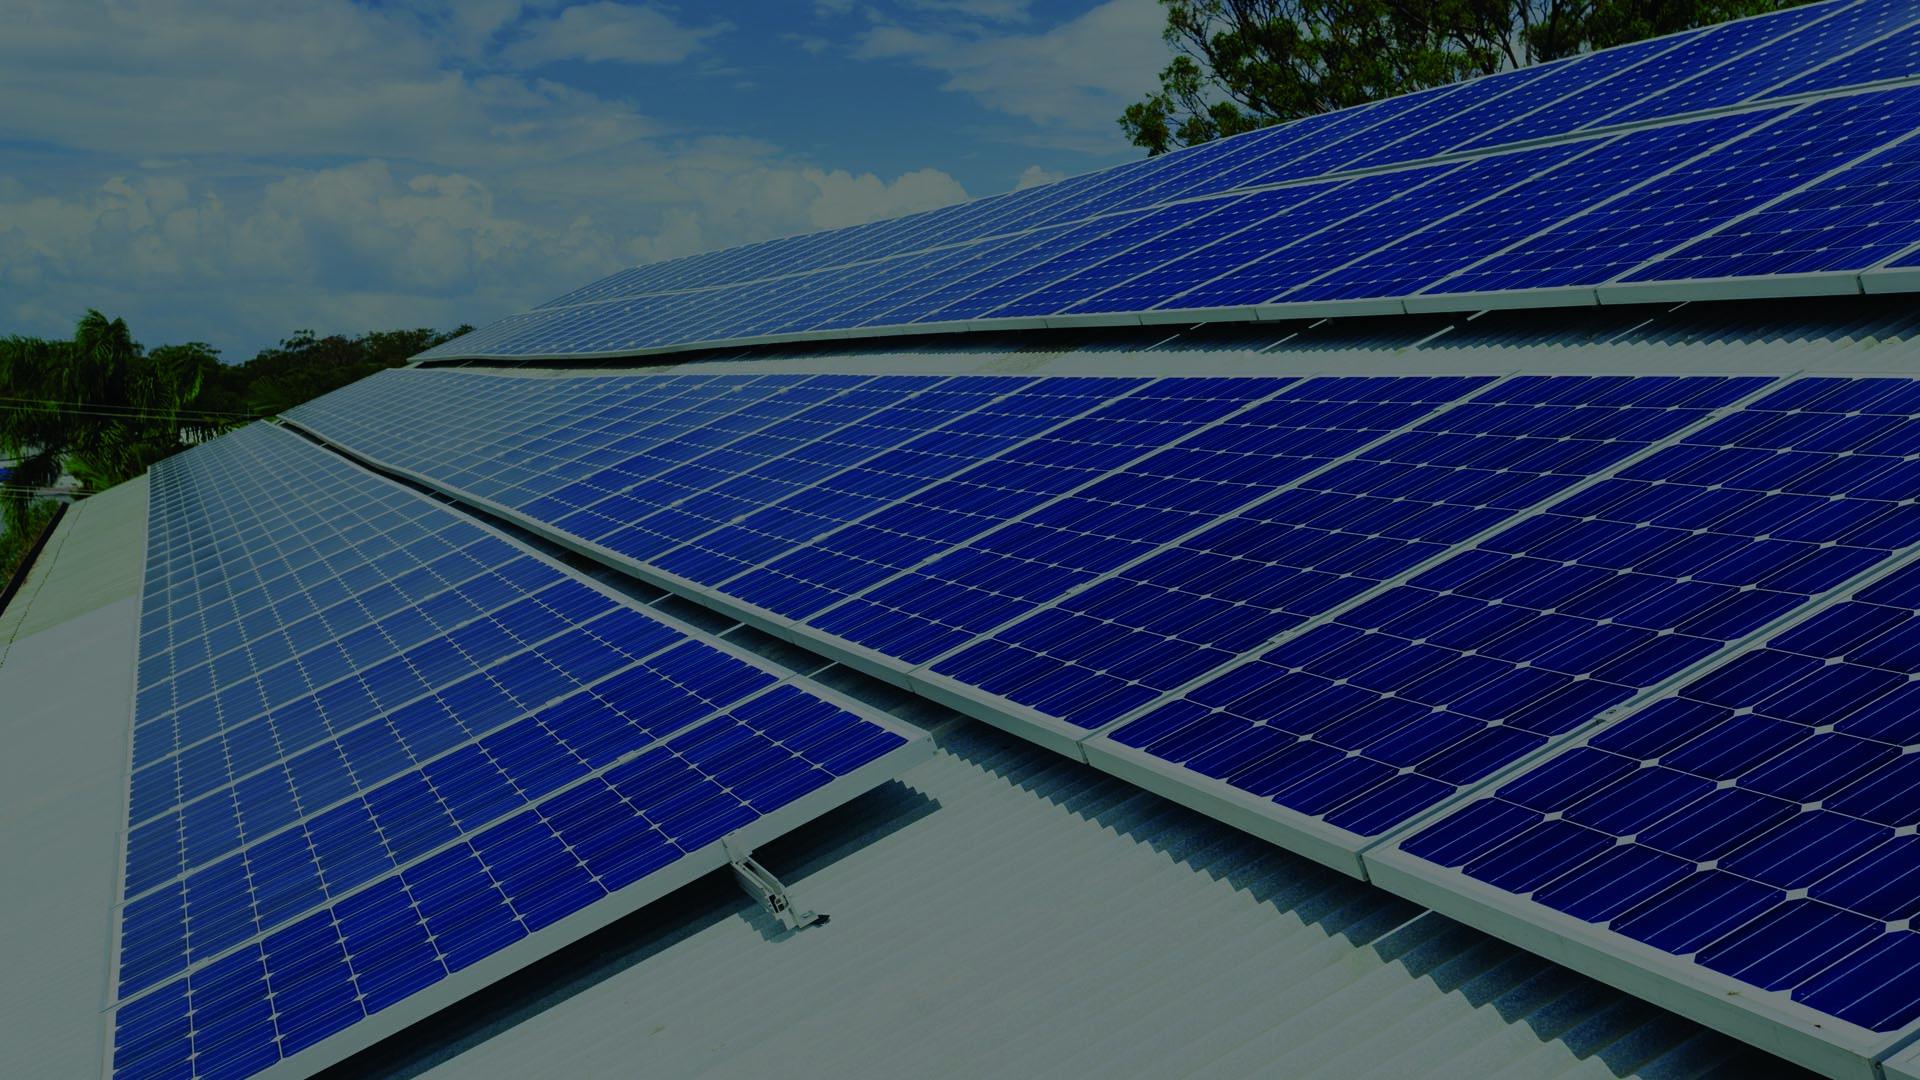 Sončna elektarna kot lasten brezplačen vir električne energije.